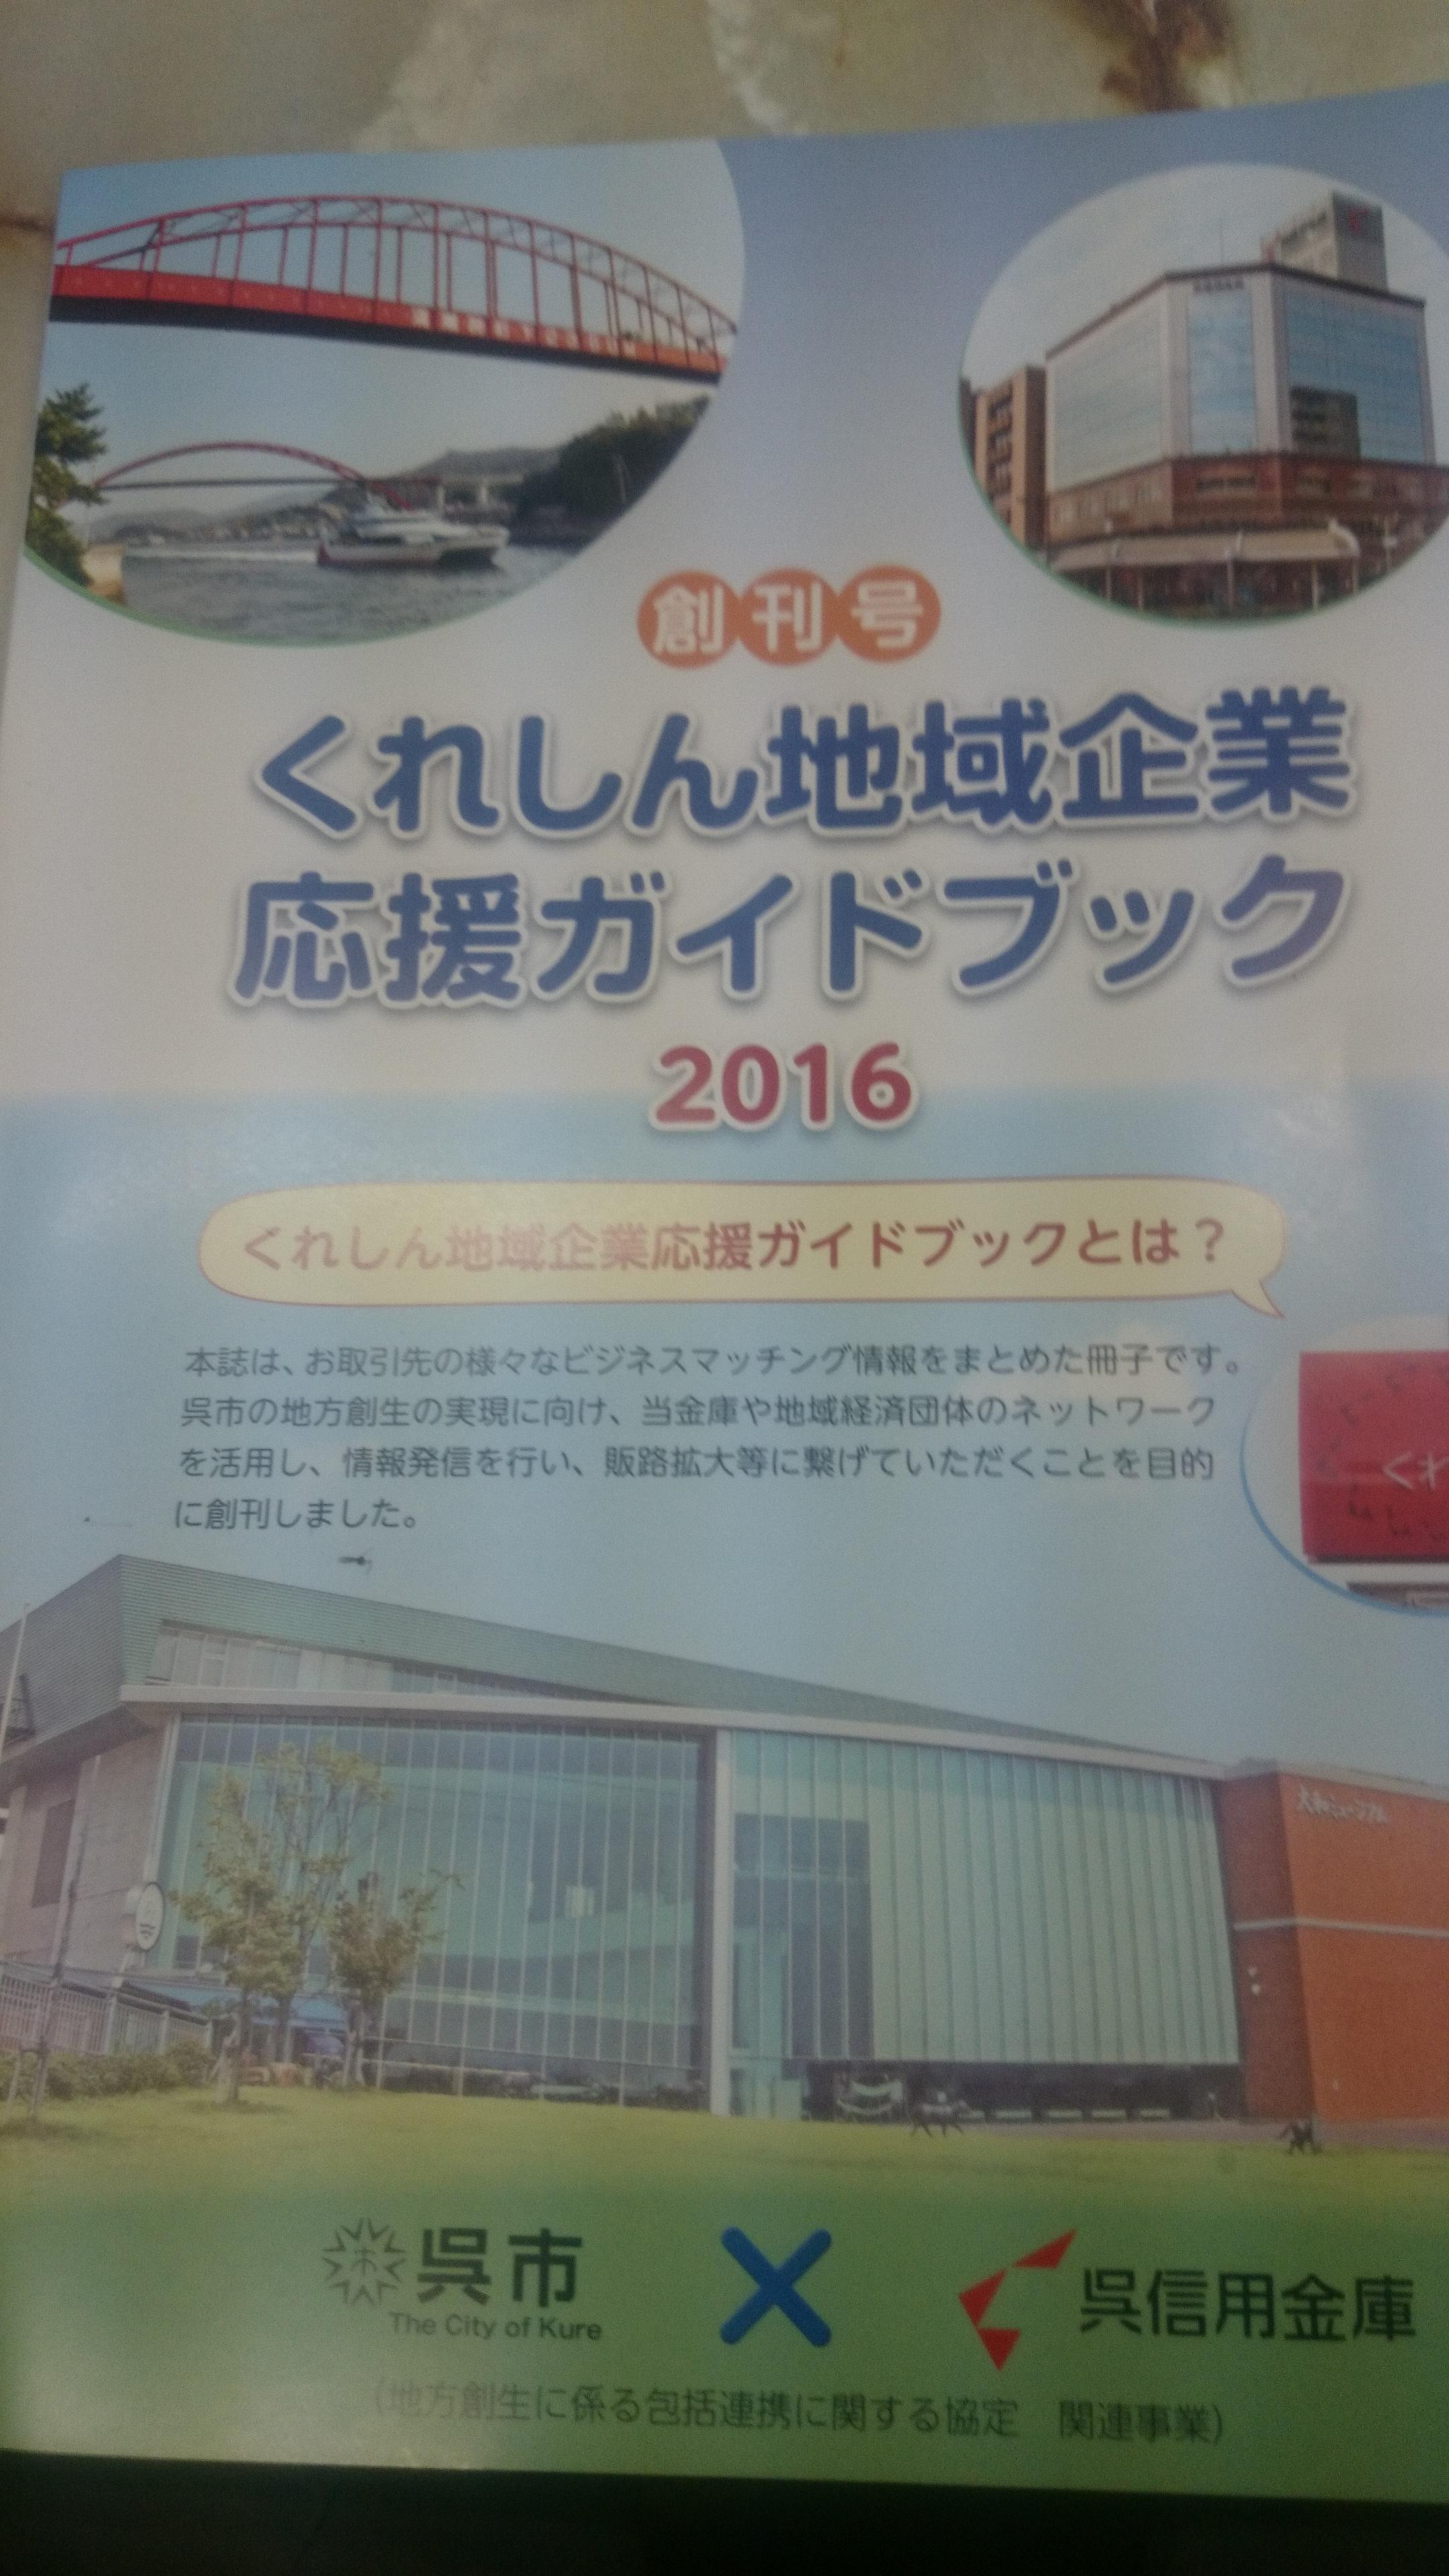 くれしん地域企業ガイドブック